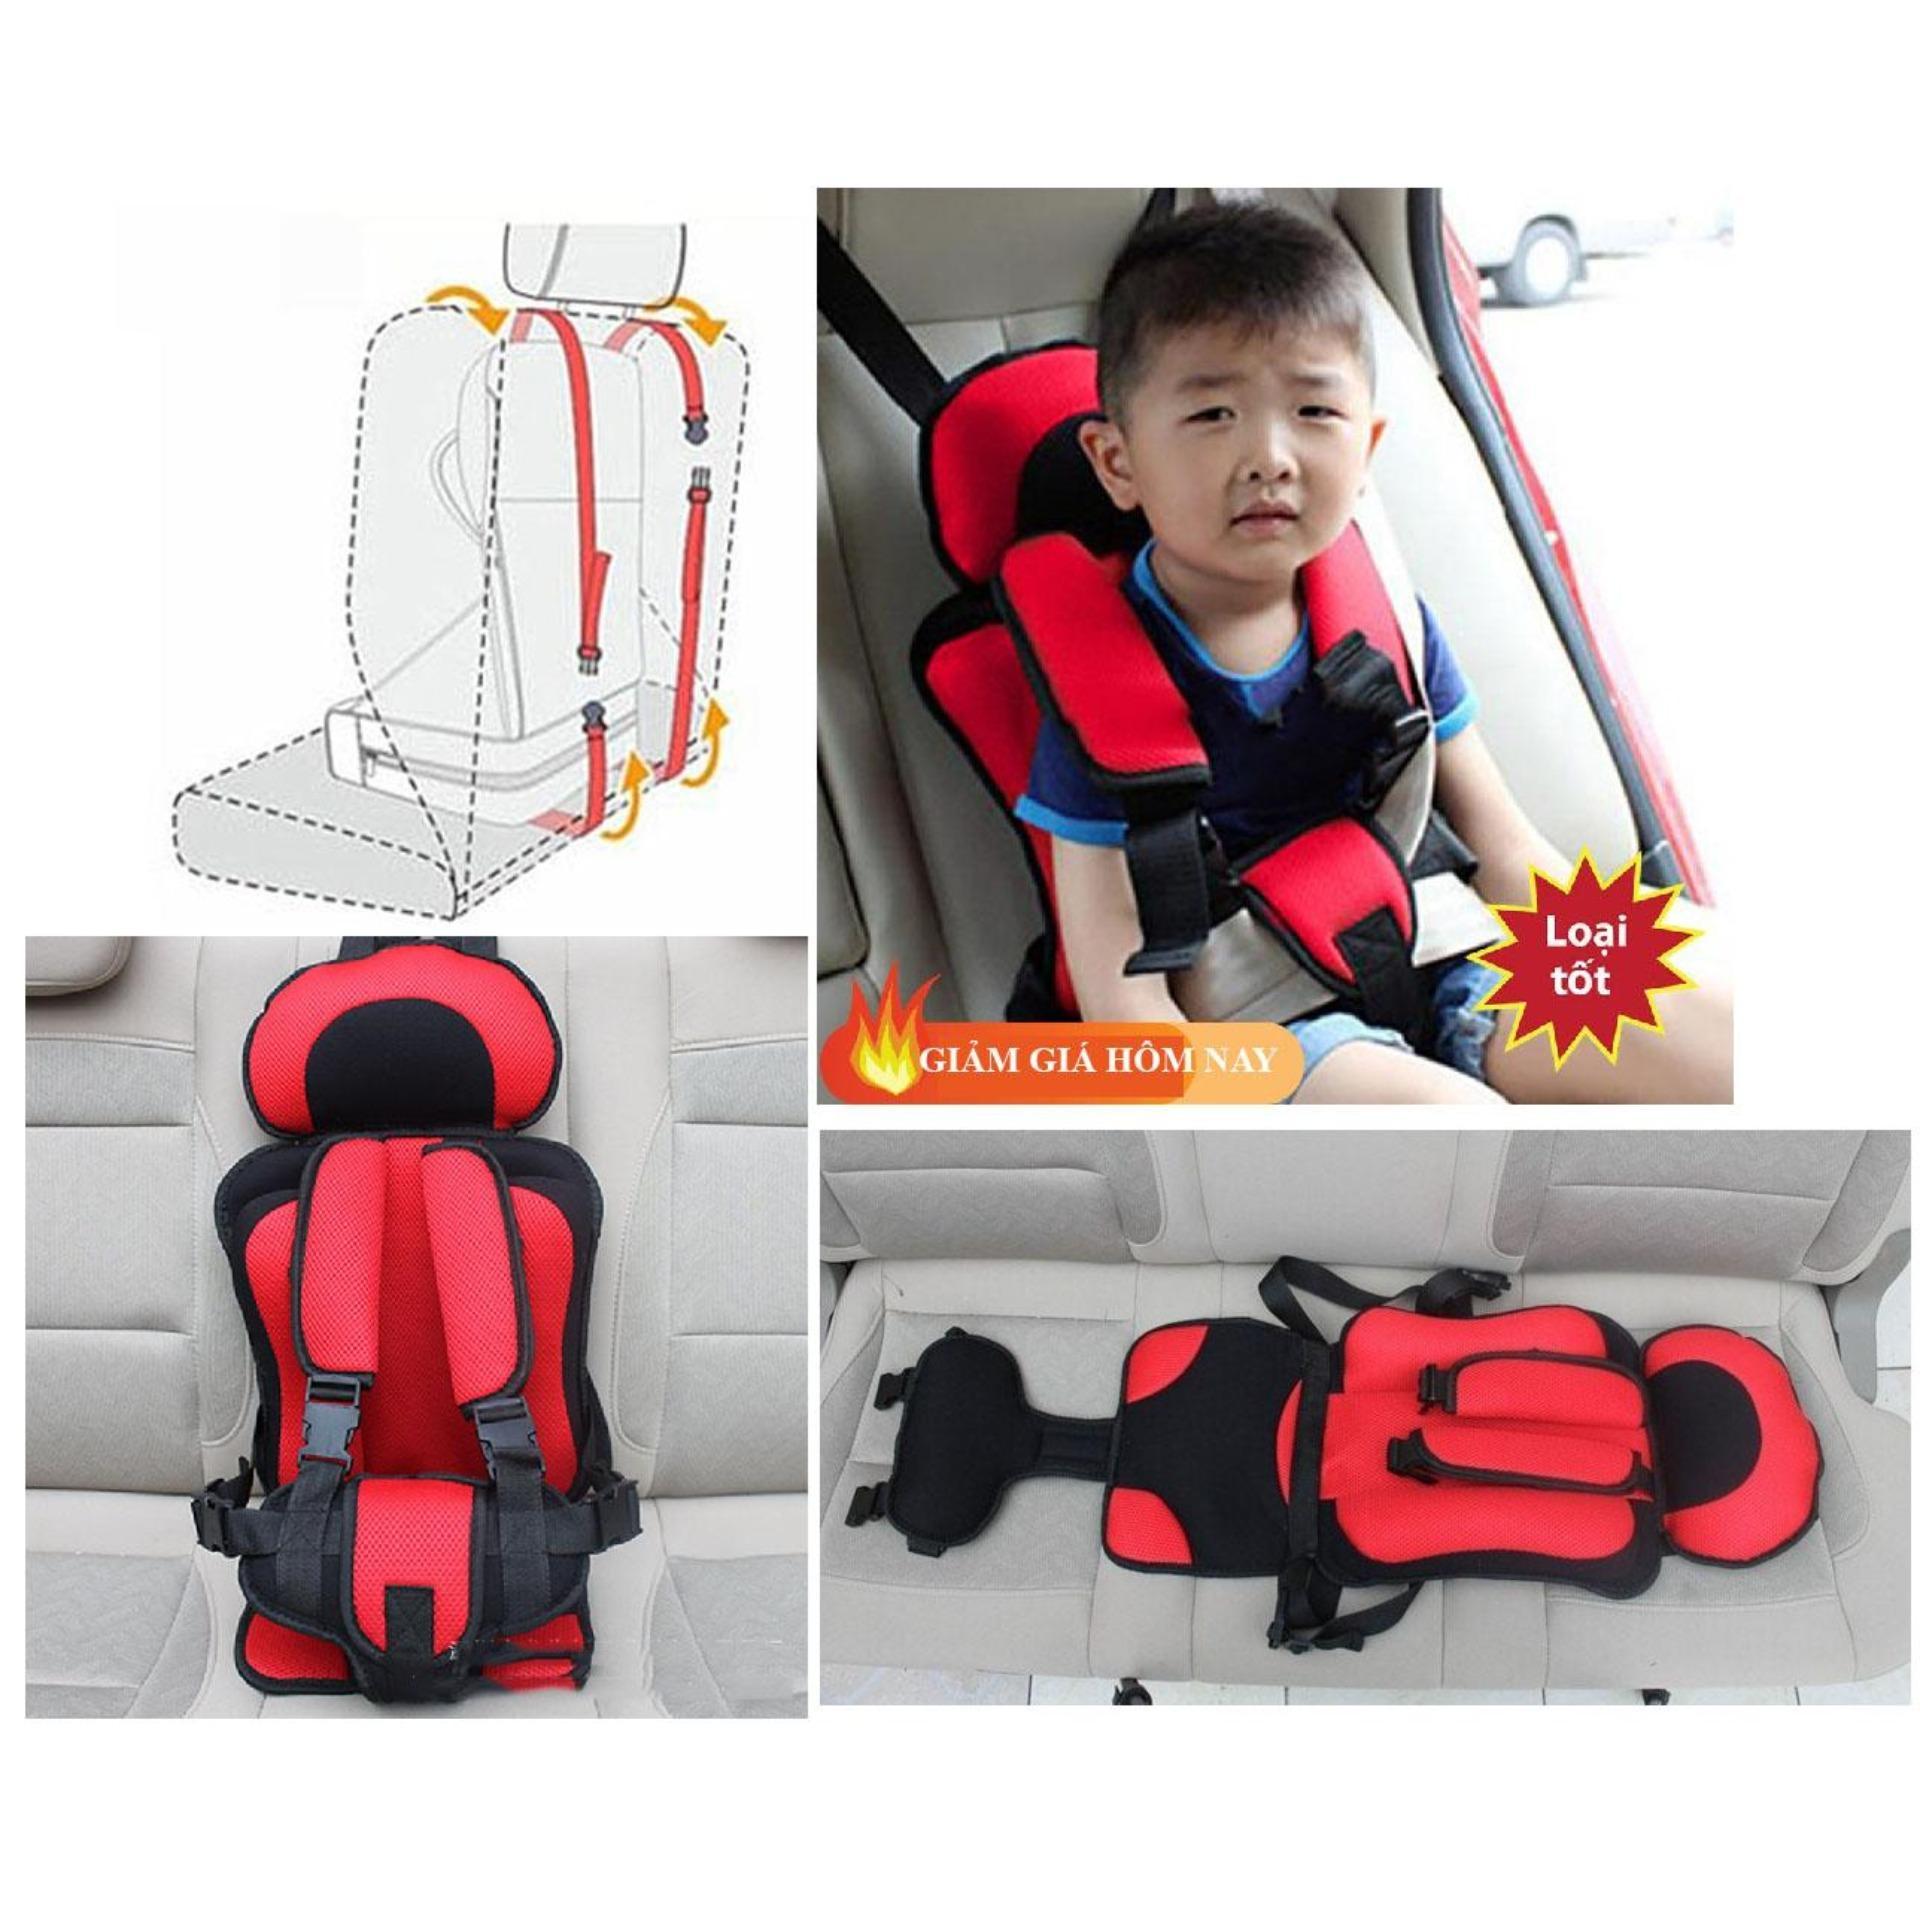 ghế xe ô tô cho bé, ghế ngồi xe hơi cho bé - BSHv22 - An Toàn, Hiện Đại, Giá Hấp Dẫn - Khuyến mãi HÔM NAY - ghế ô tô cho trẻ em